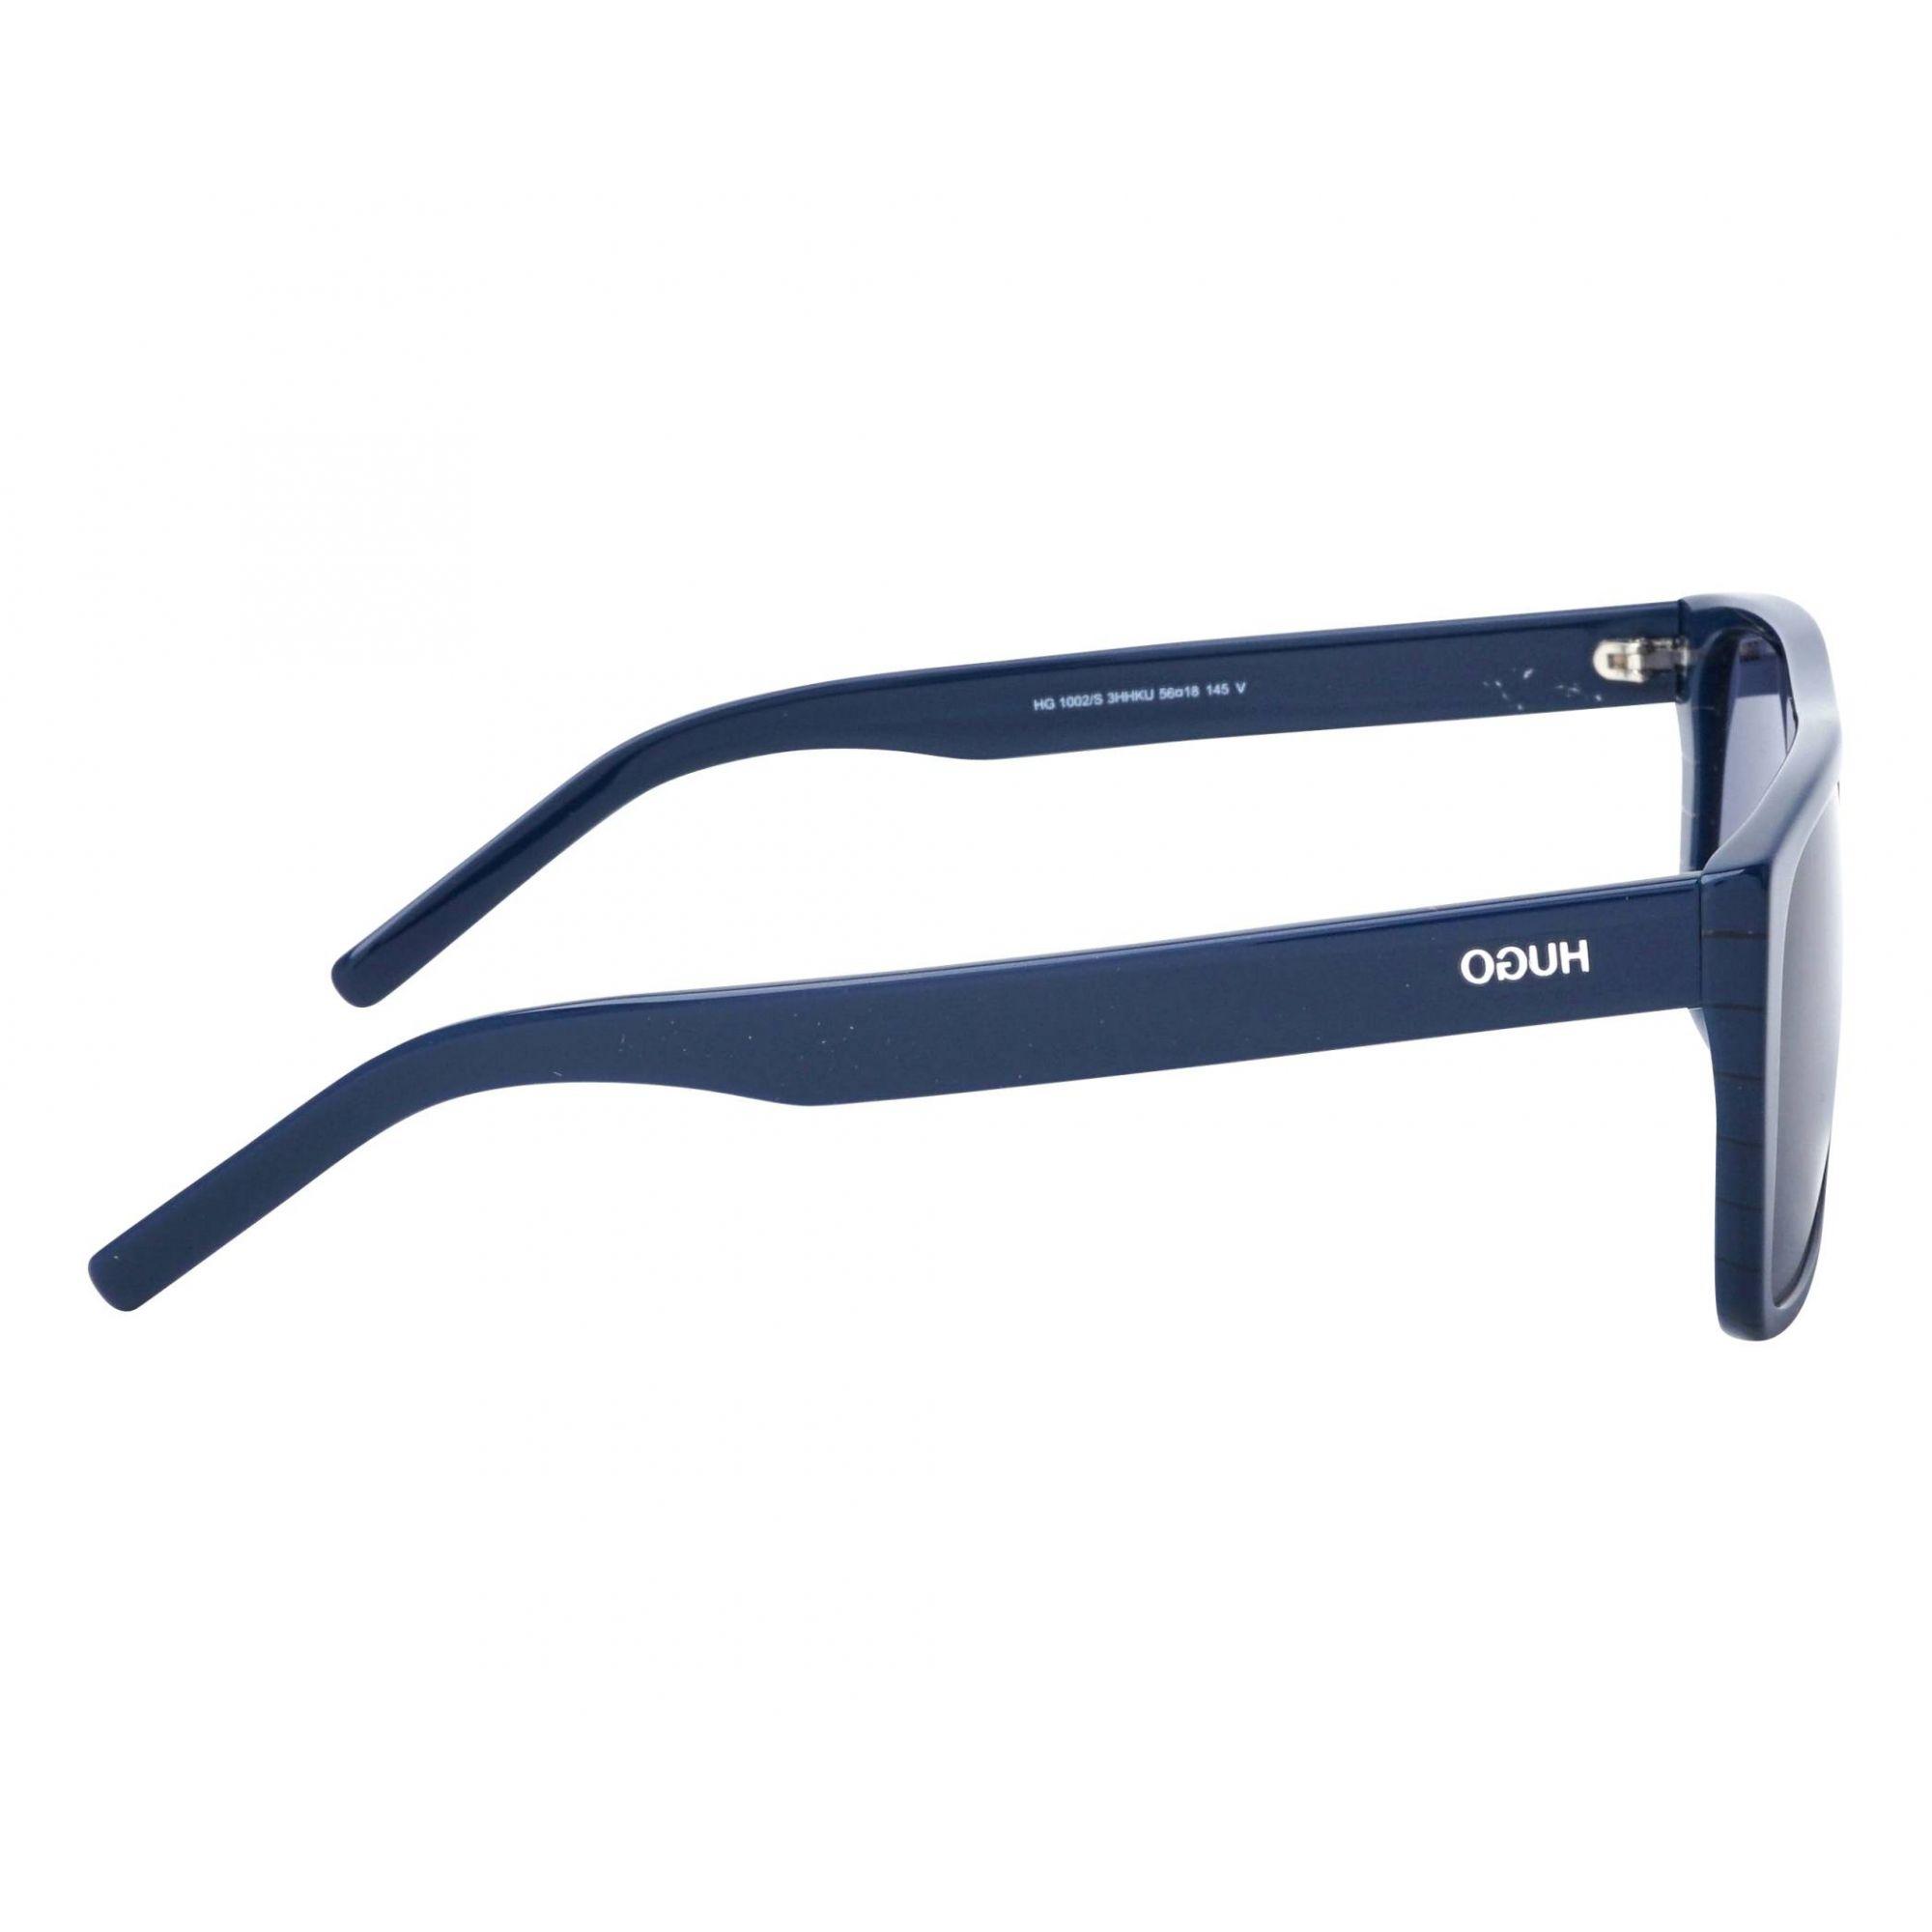 Óculos de Sol Hugo Boss HG1002 S 3HHKU - Omega Ótica e Relojoaria 2b97589038